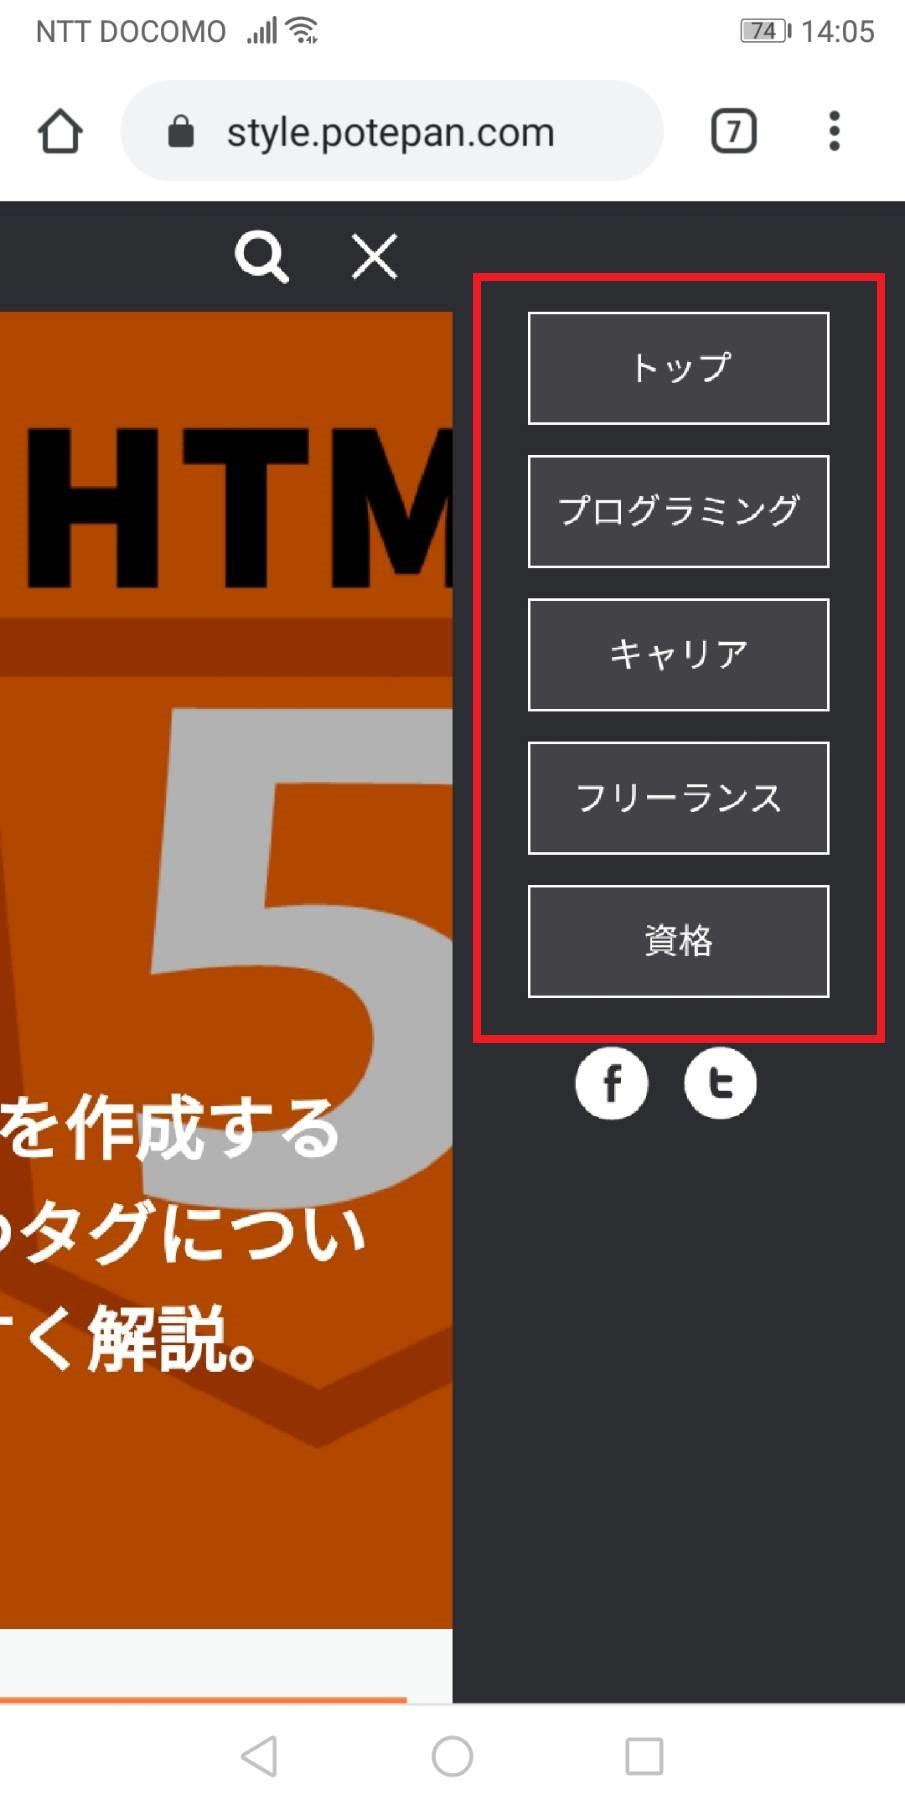 navタグ・要素とは?(意味)